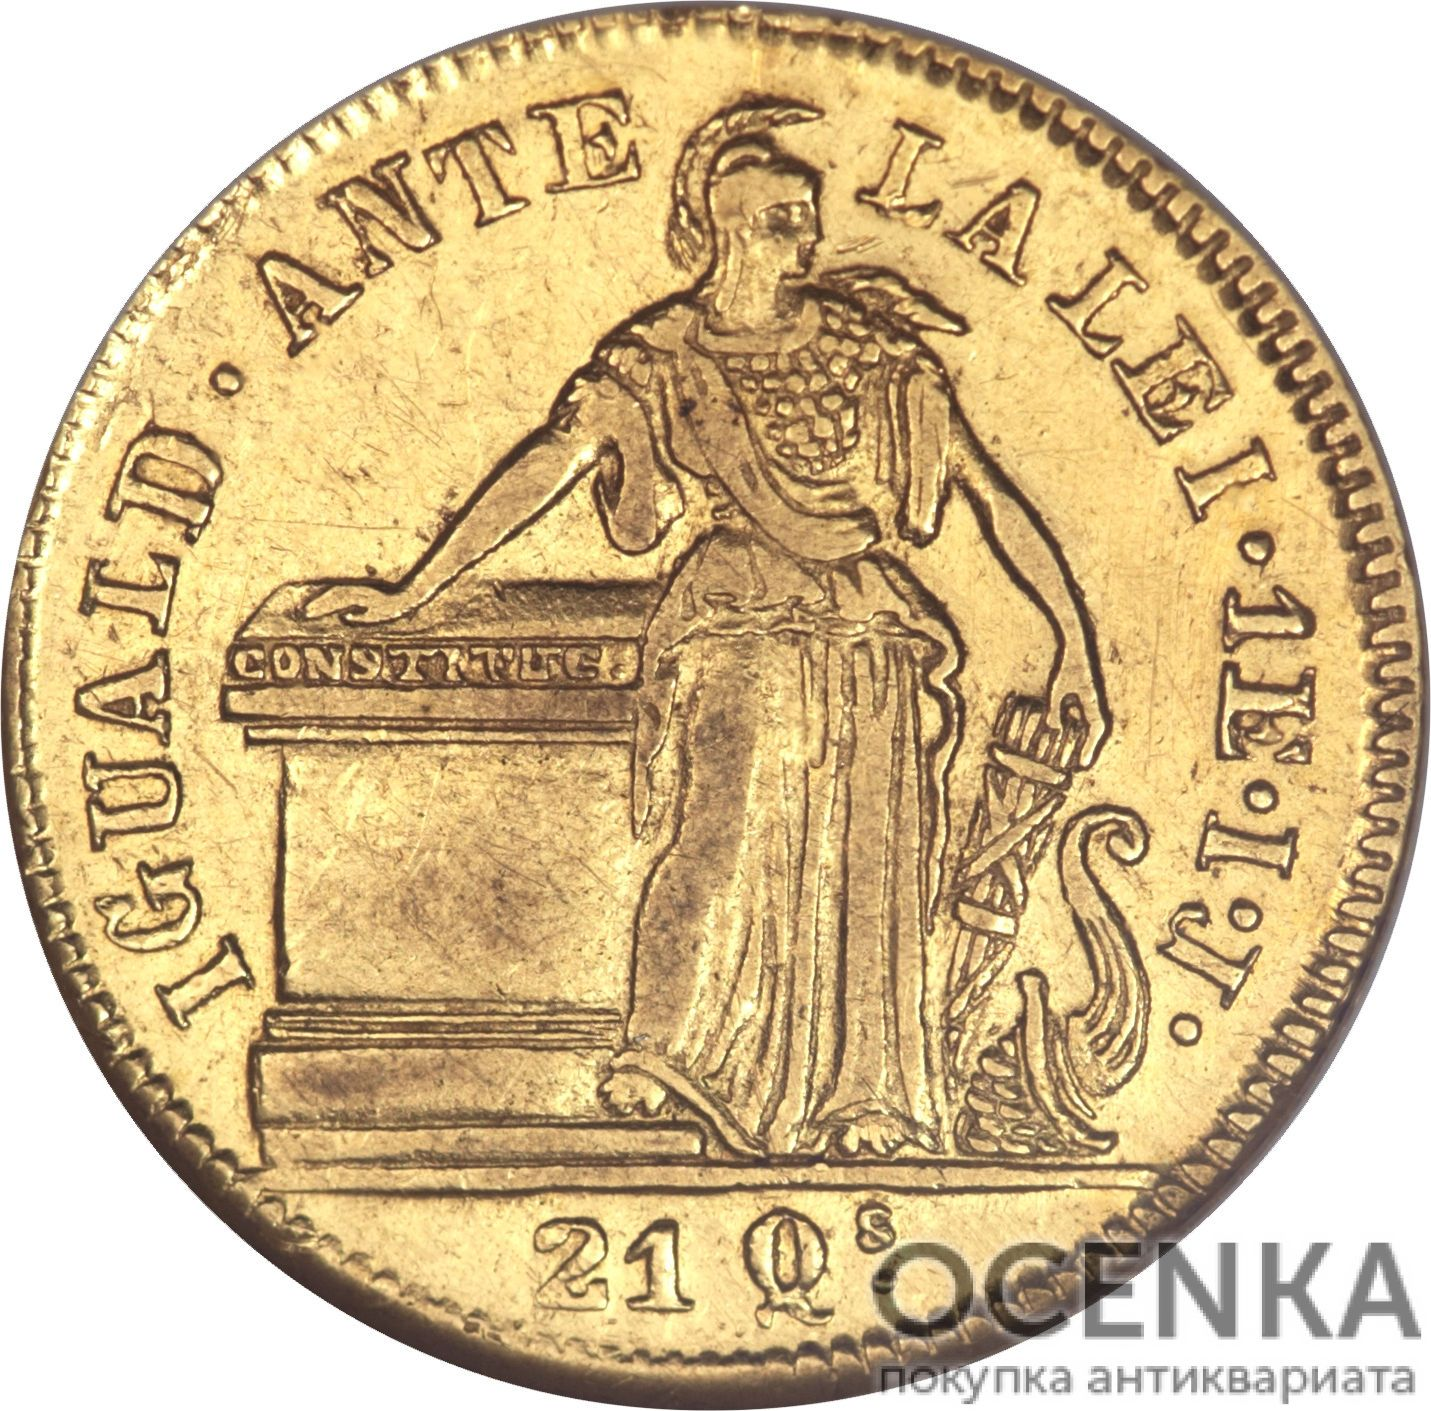 Золотая монета 1 Эскудо (1 Escudo) Чили - 6